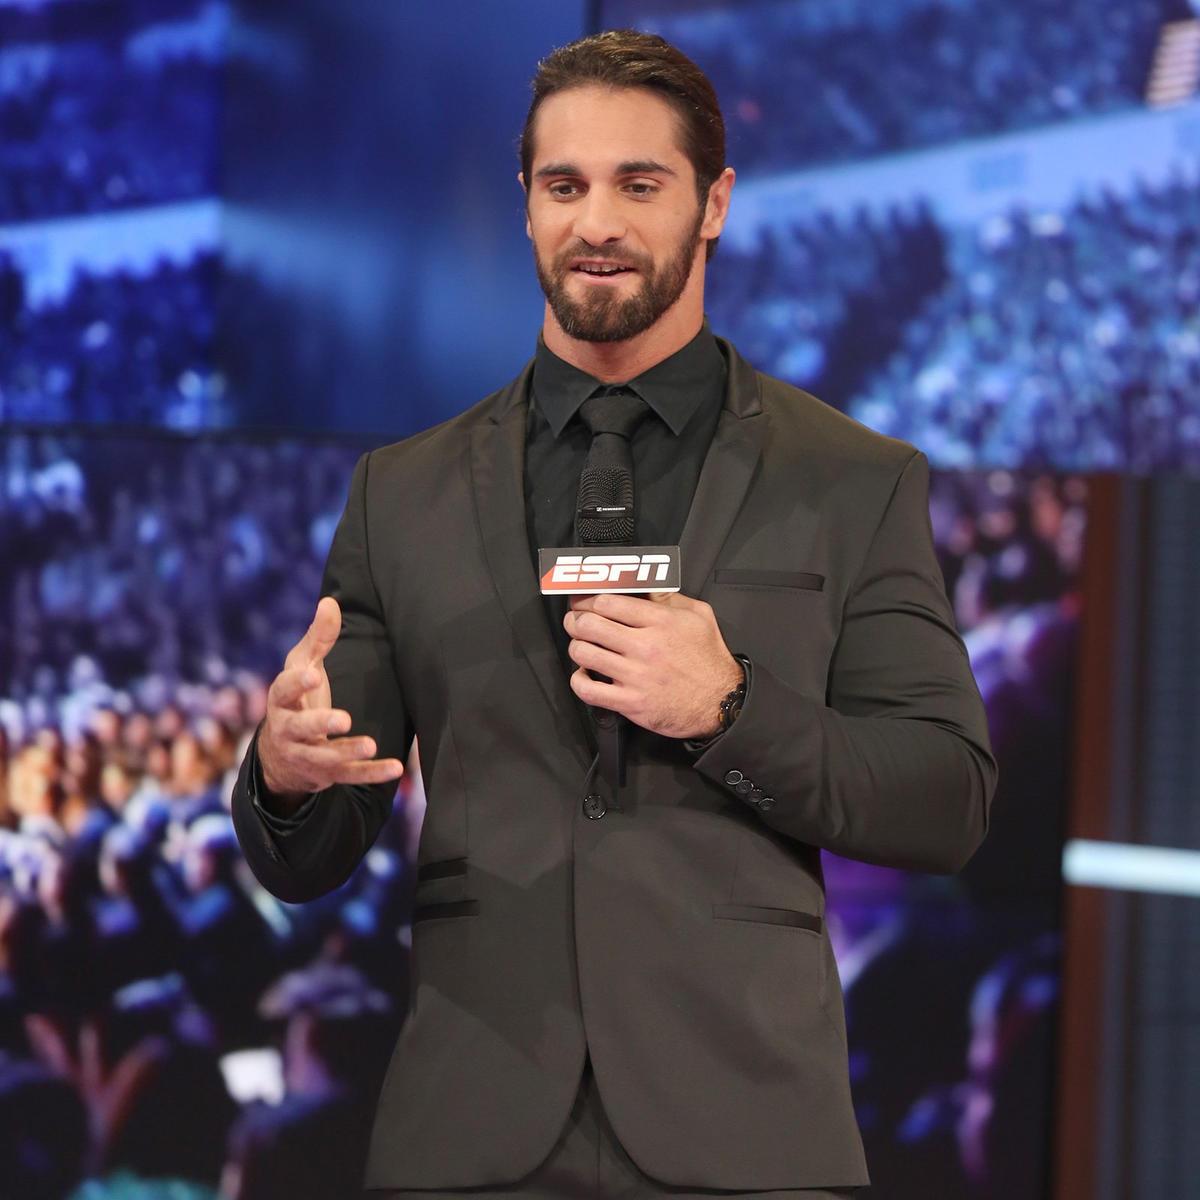 Seth Rollins vists ESPN ahead of SummerSlam: photos | WWE